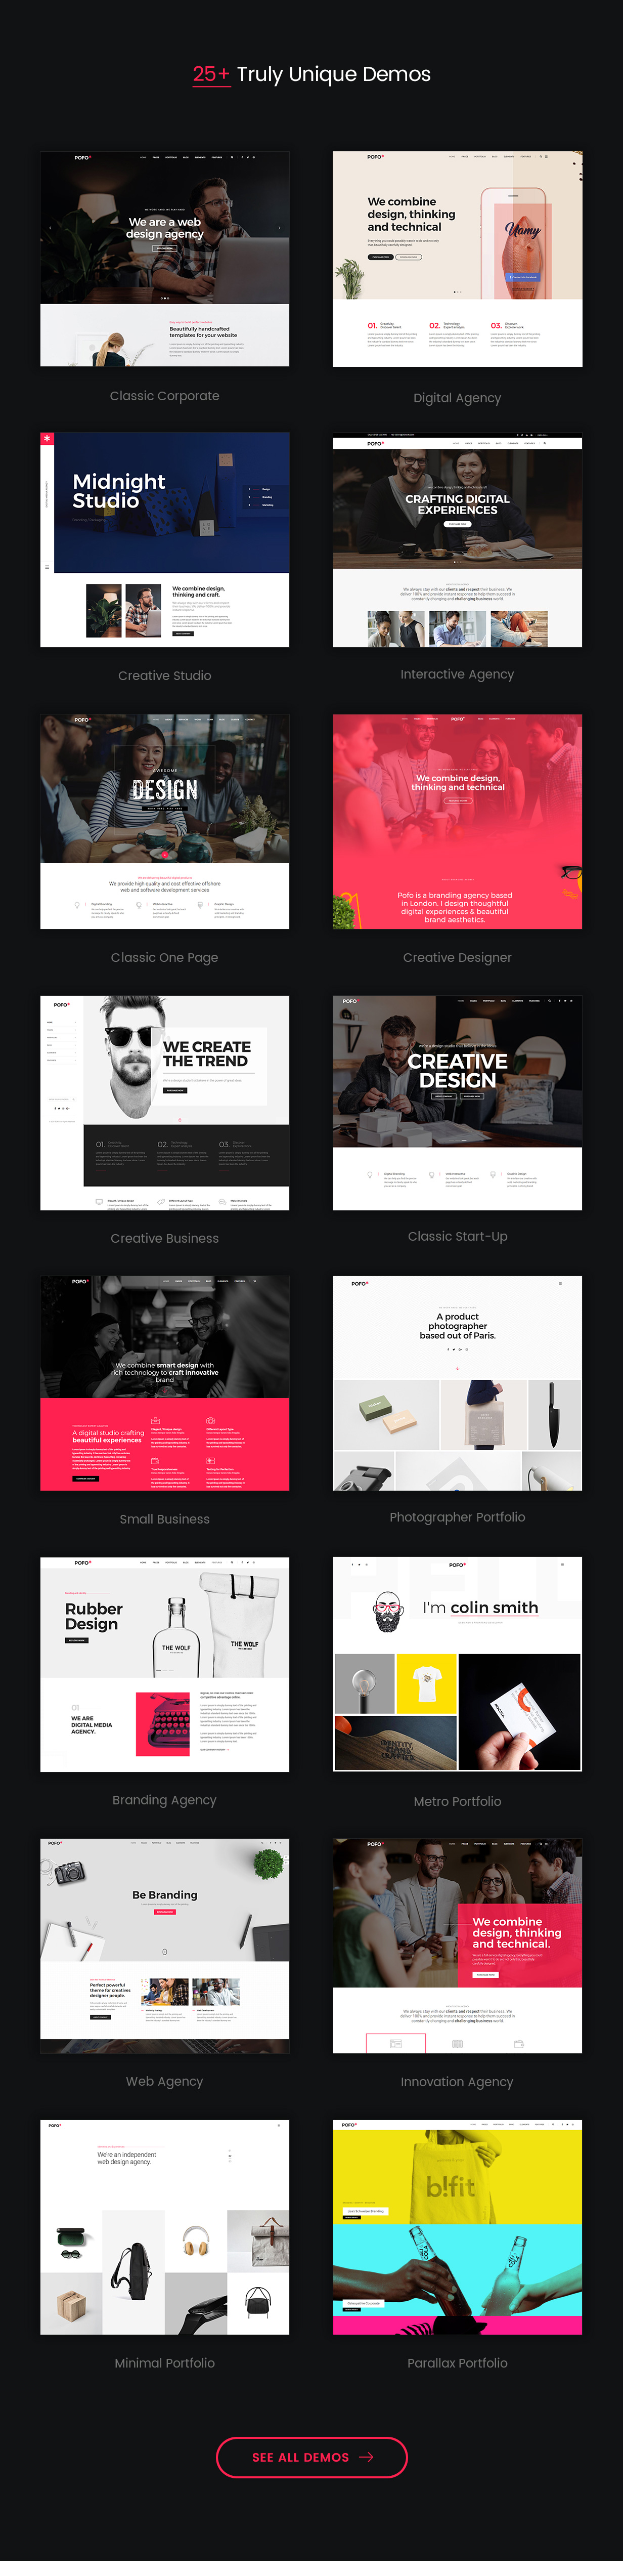 pofo wordpress demos - Pofo – Creative Portfolio and Blog WordPress Theme